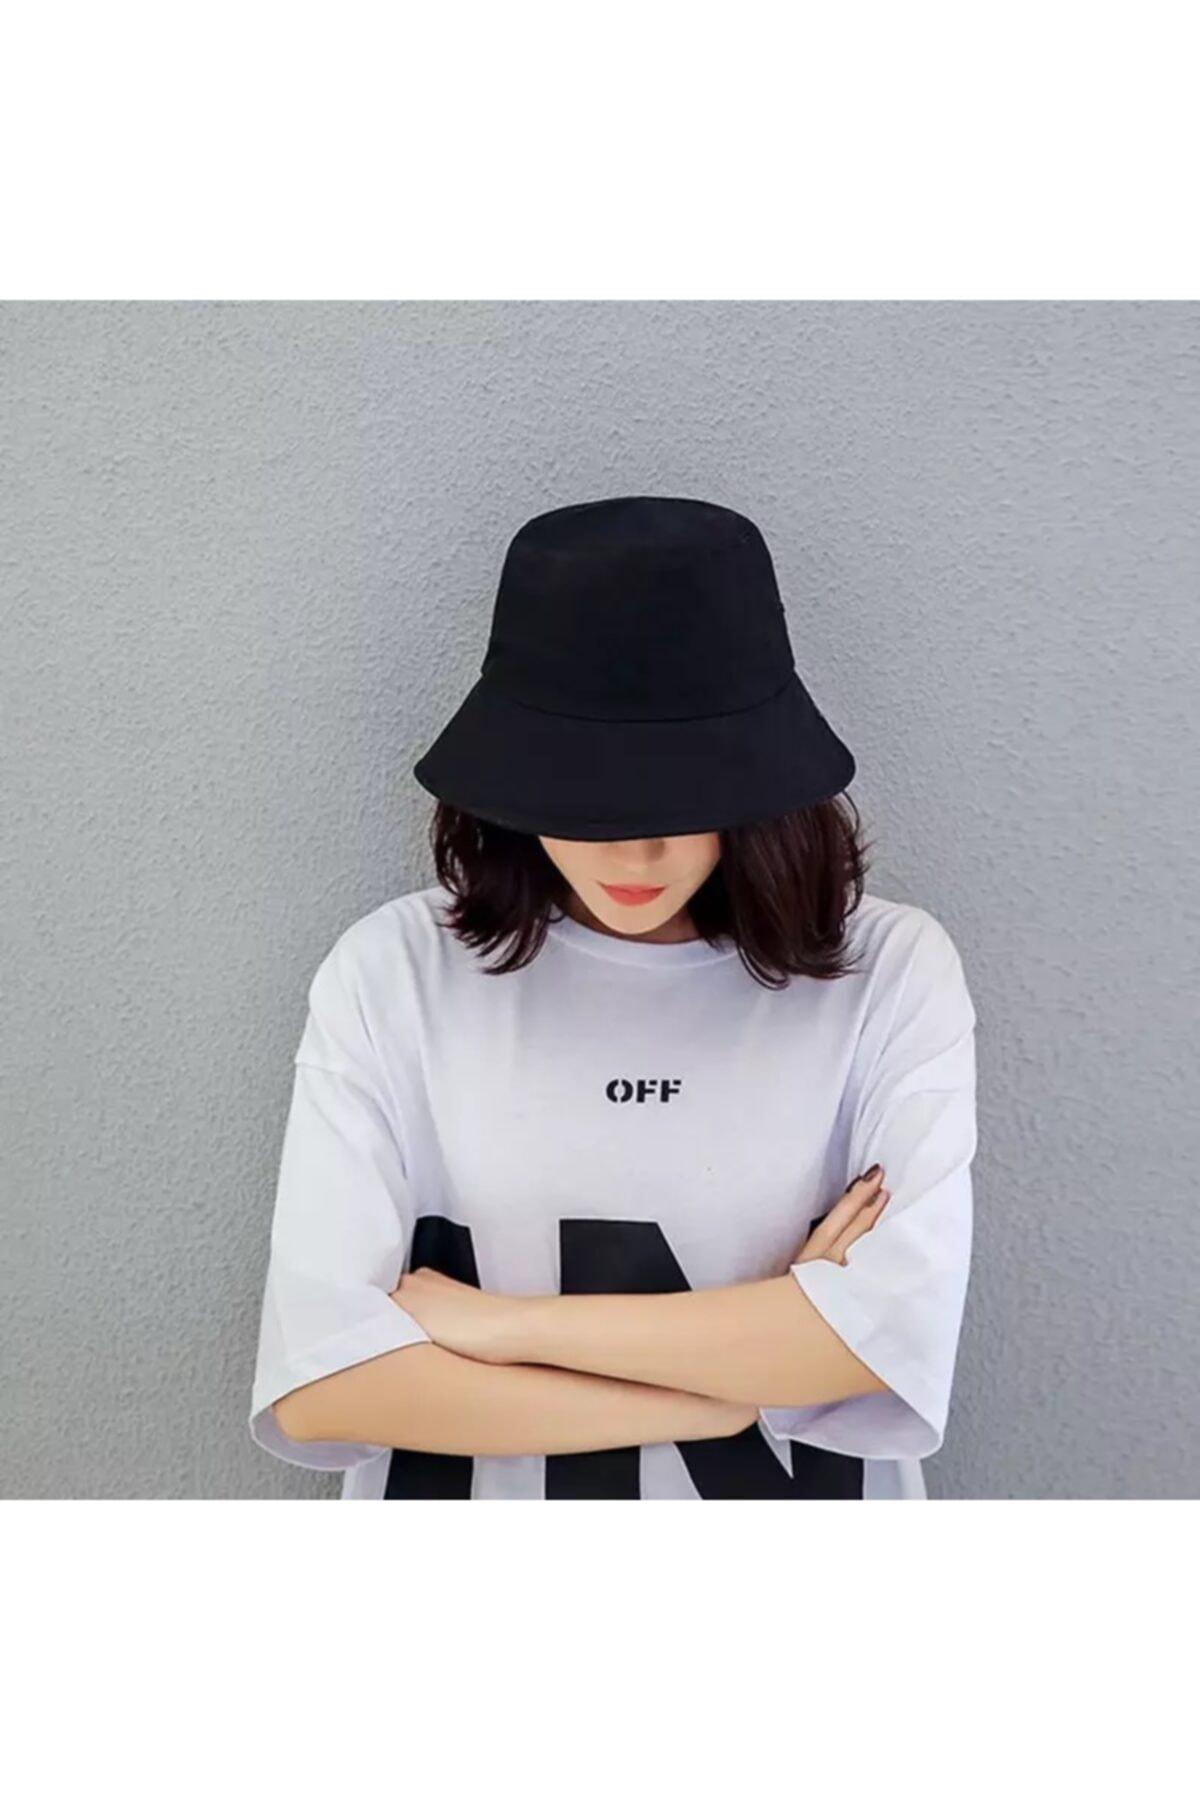 Köstebek Düz Siyah Kova Şapka Balıkçı Şapka Bucket Hat 2